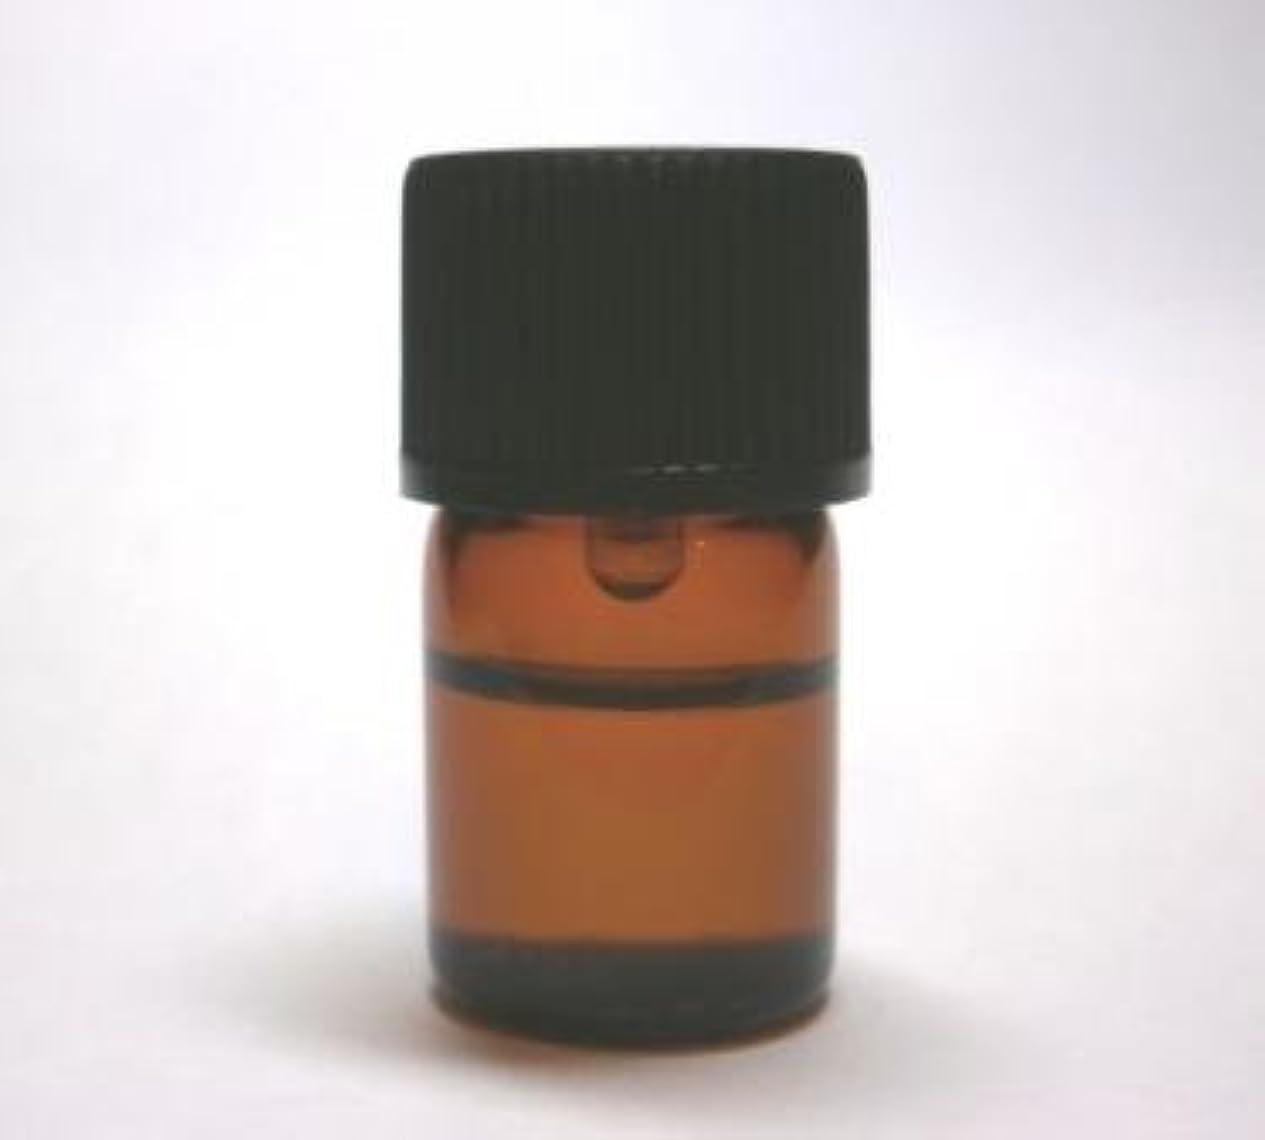 松の木腐食するハンサムカモミール?ローマン3ml/エッセンシャルオイルカモミール:100%/精油カモミール